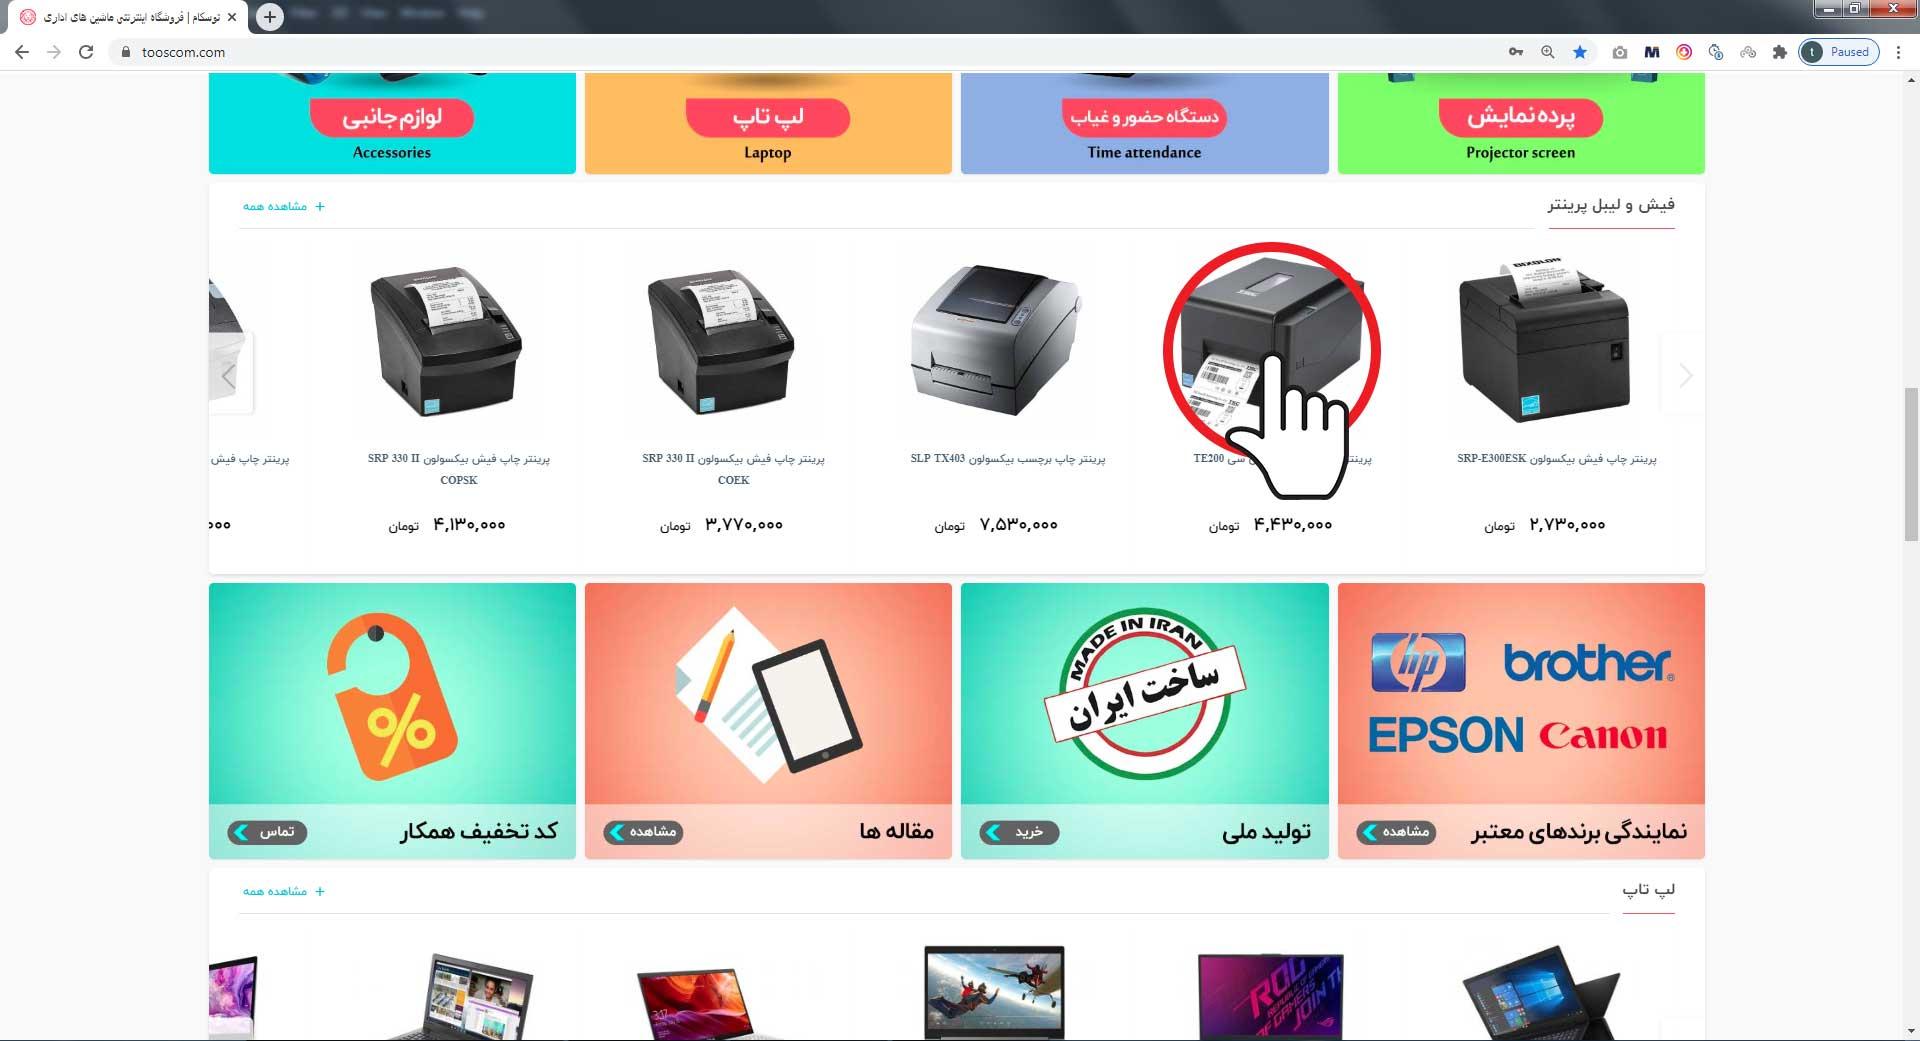 راهنمای خرید فروشگاه اینترنتی توسکام در مشهد و تهران-ایرانشهرجنوبی- نمایندگی اچ پی کانن بیسولون